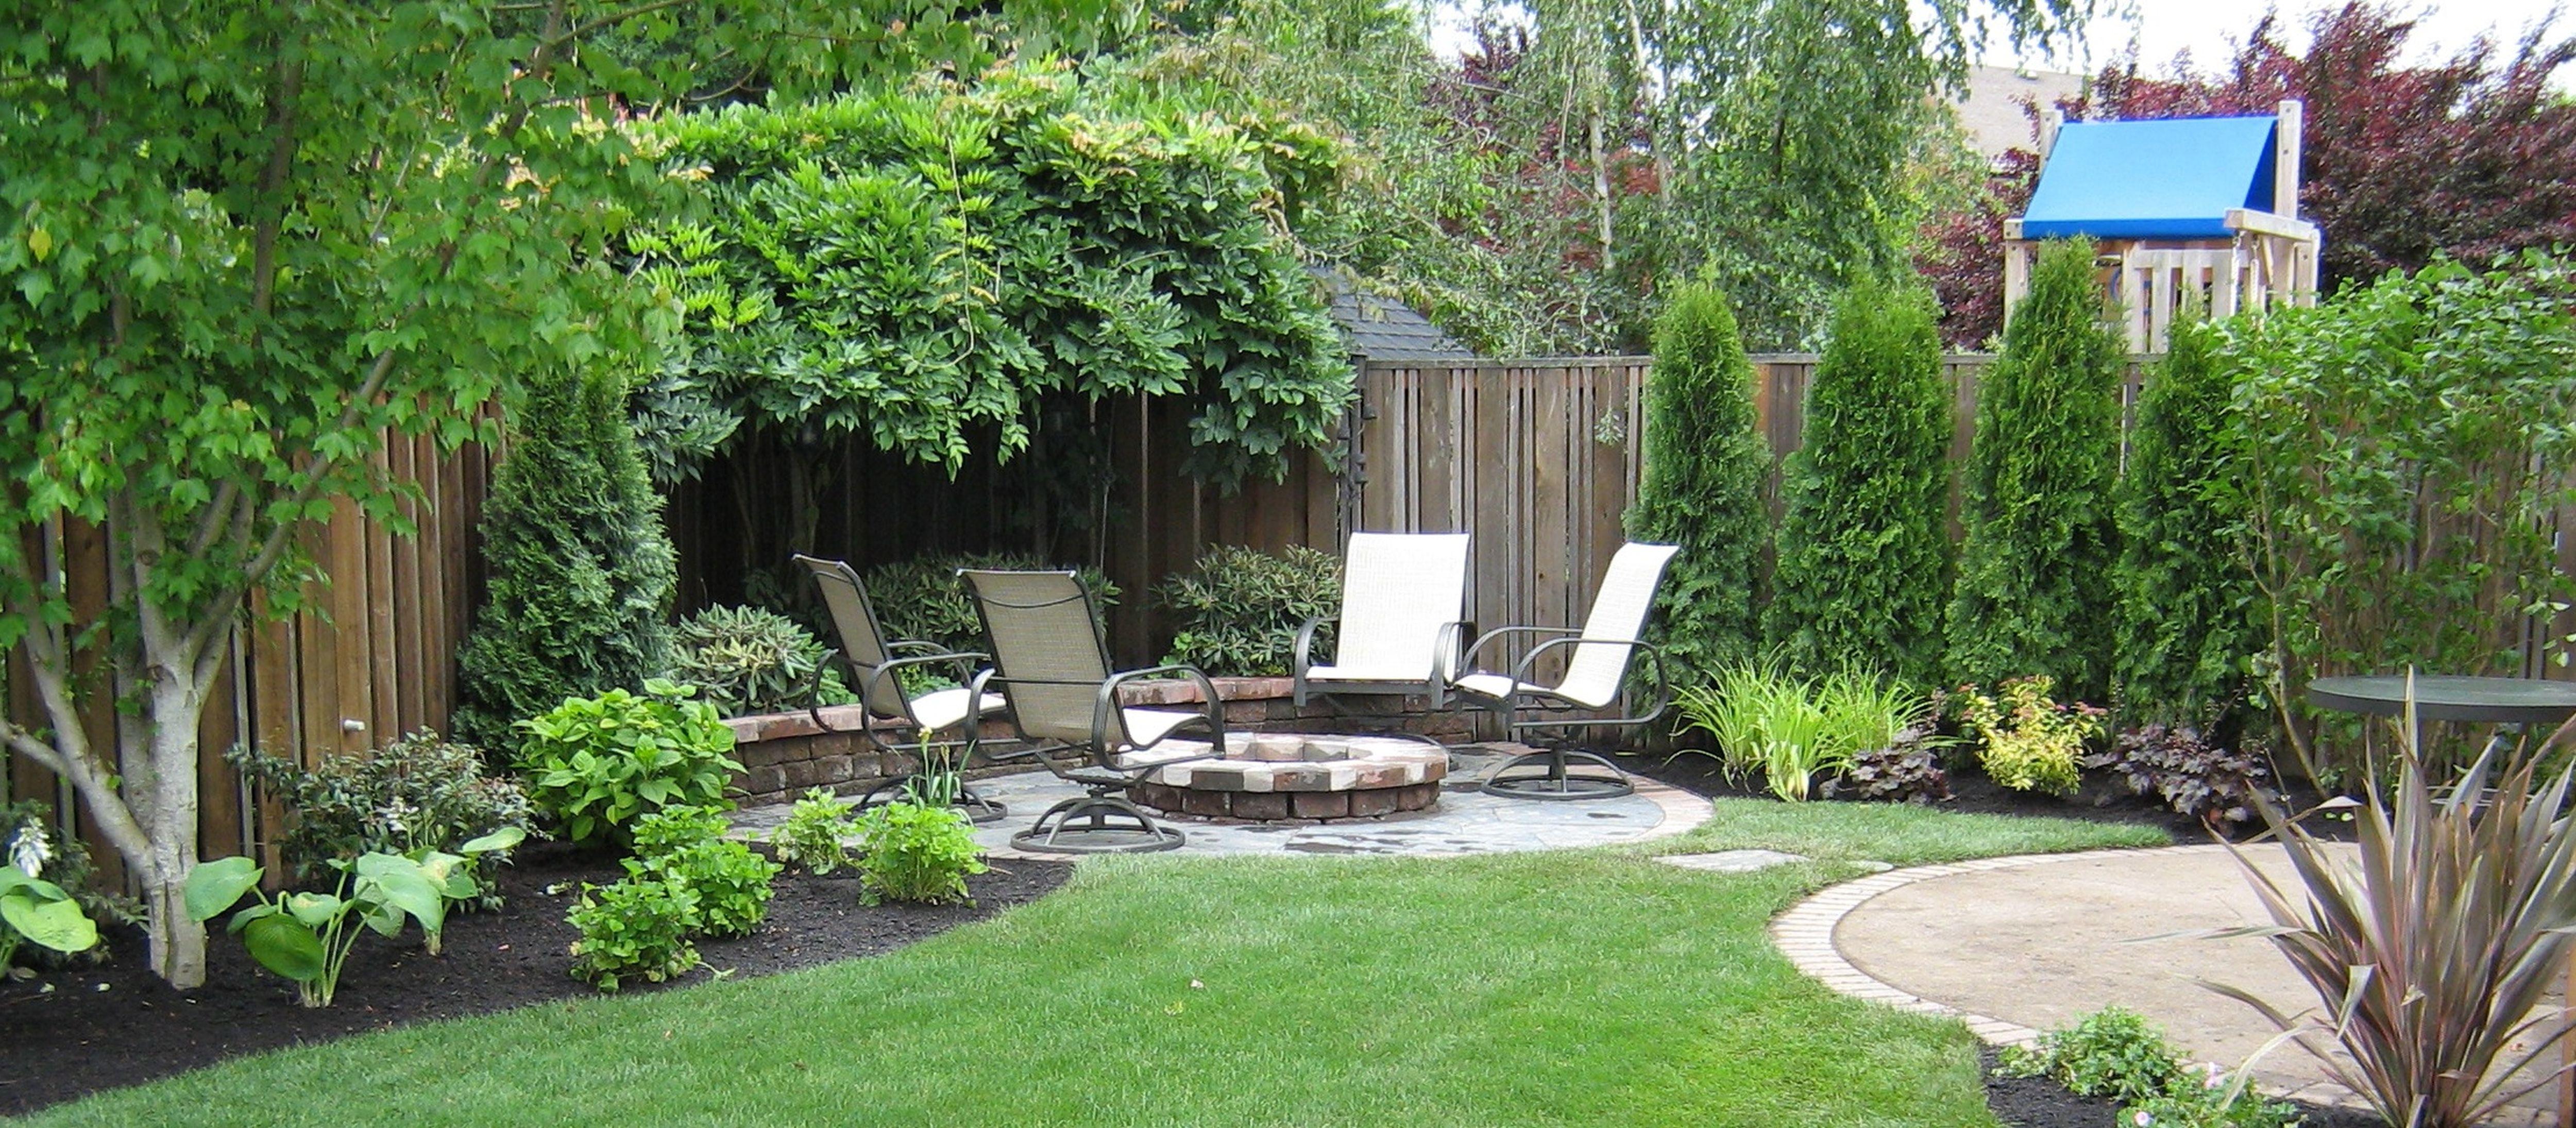 garden design ideas for small backyards photo - 8